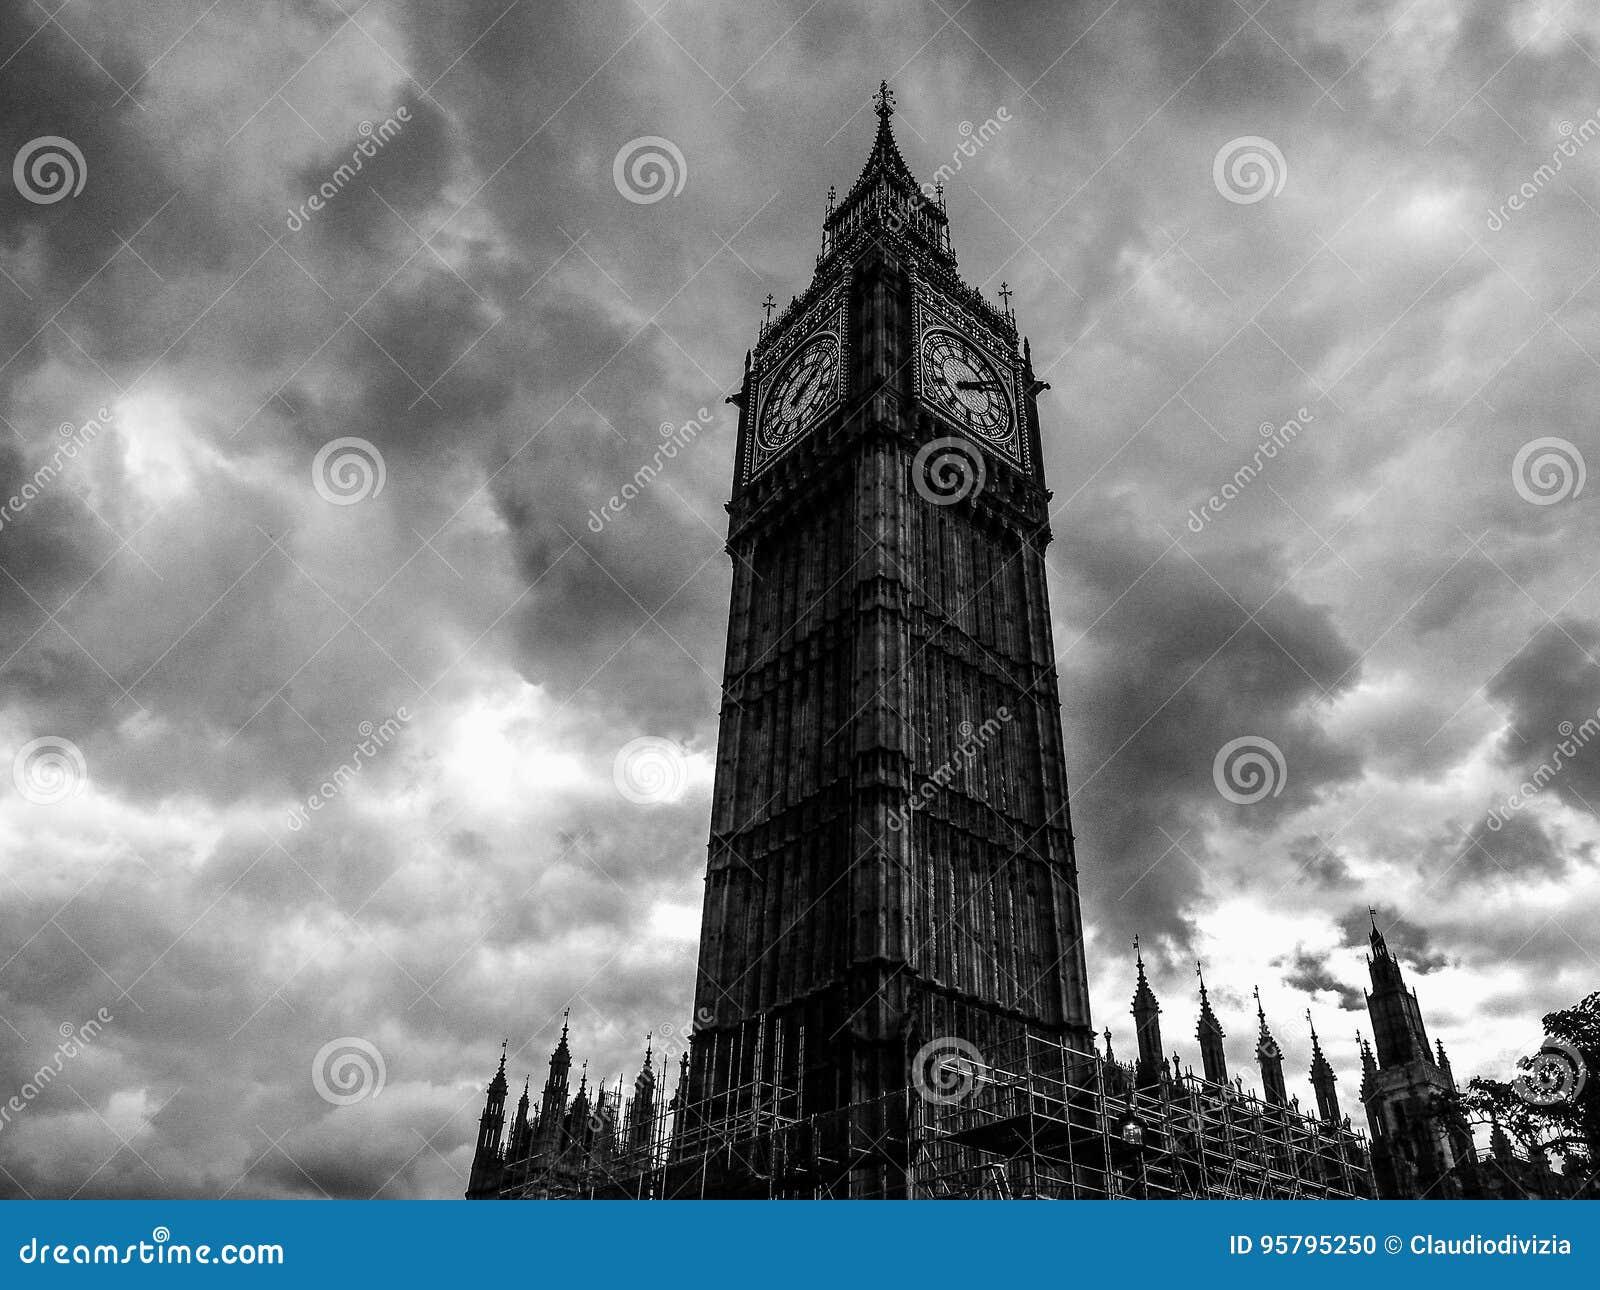 Wolken über Parlamentsgebäuden in London (hdr)